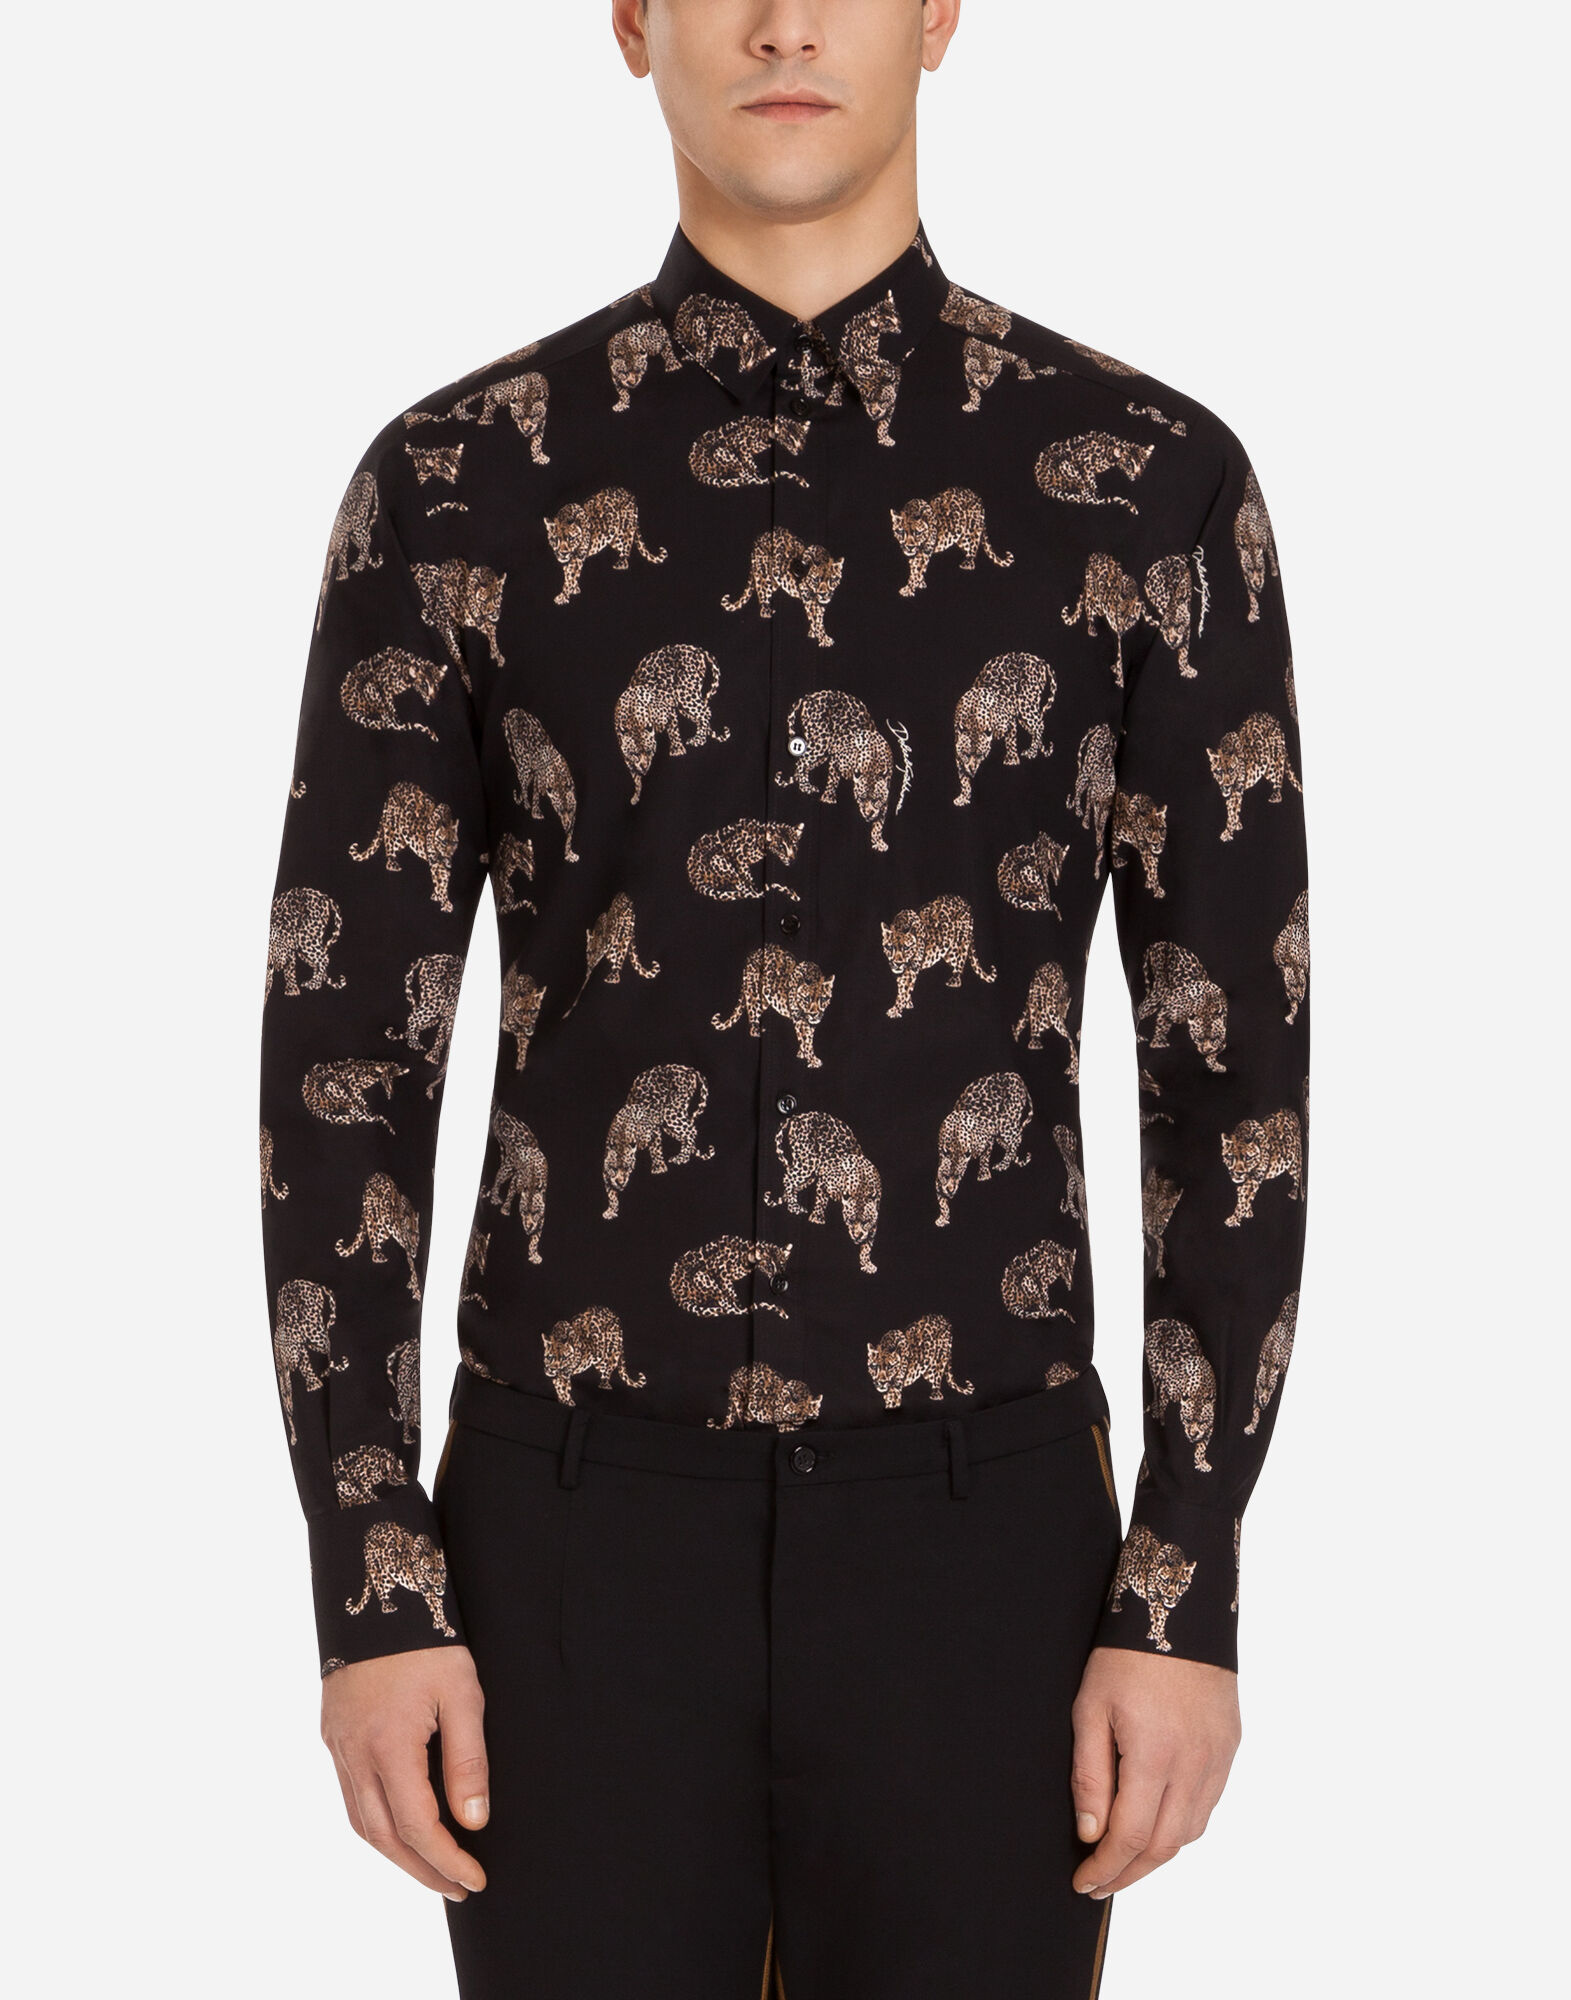 dolce and gabbana shirt